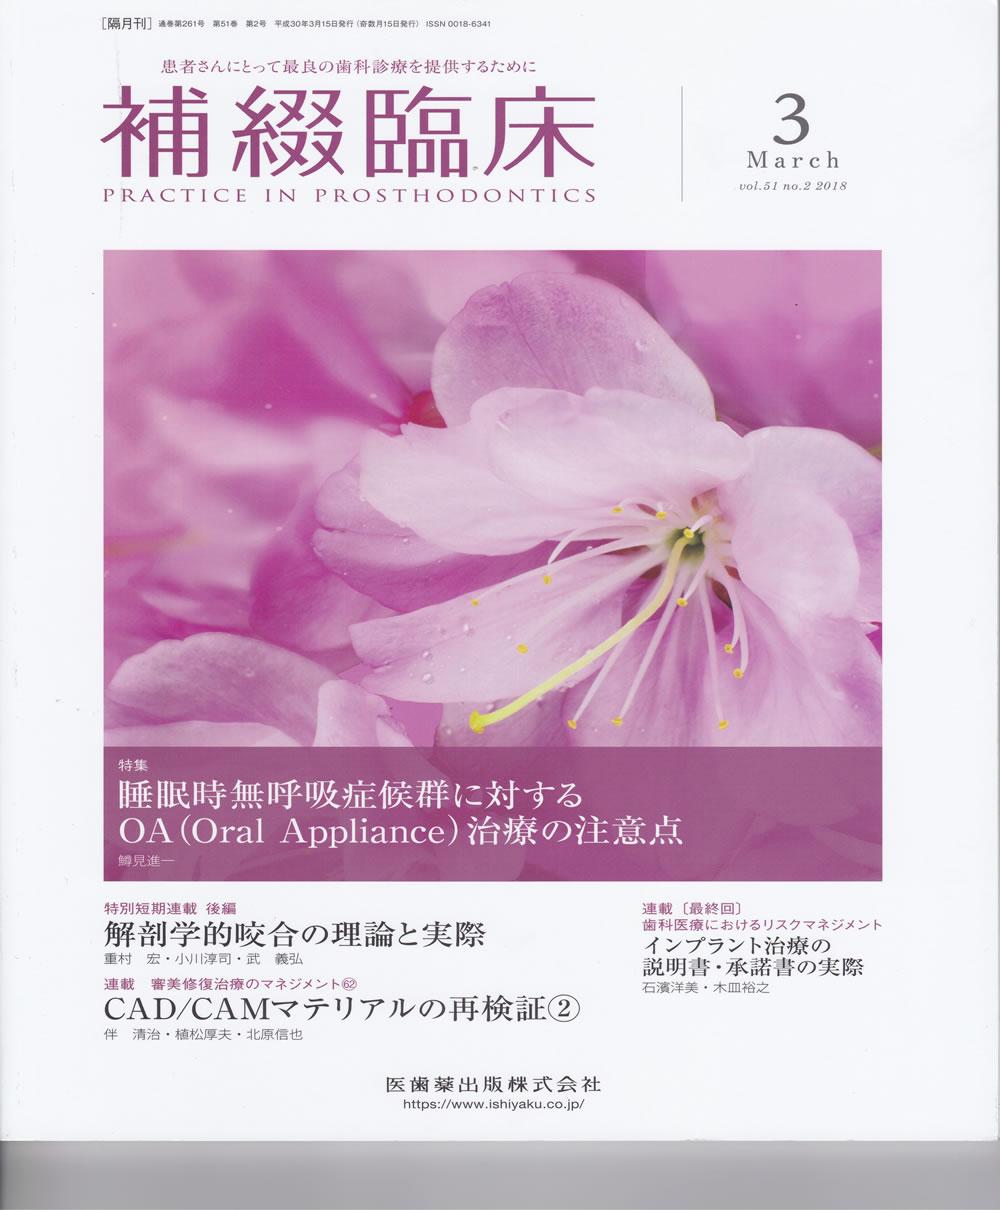 歯科雑誌補綴臨床3月号